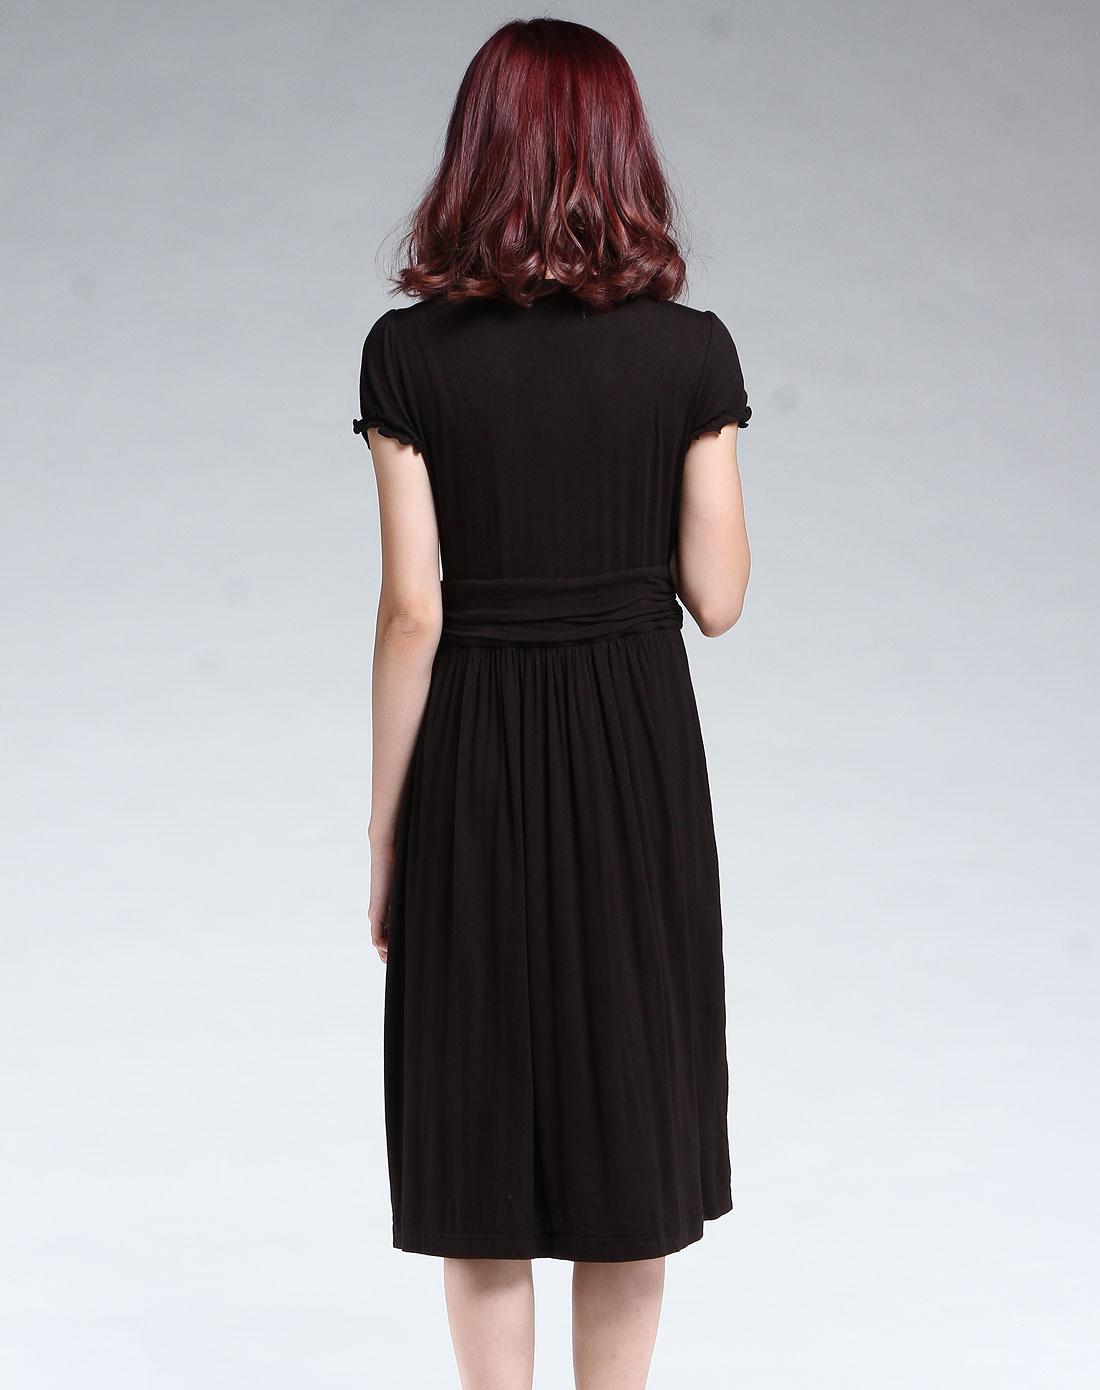 蜜雪儿mysheros黑色时尚短袖连衣裙9210078220